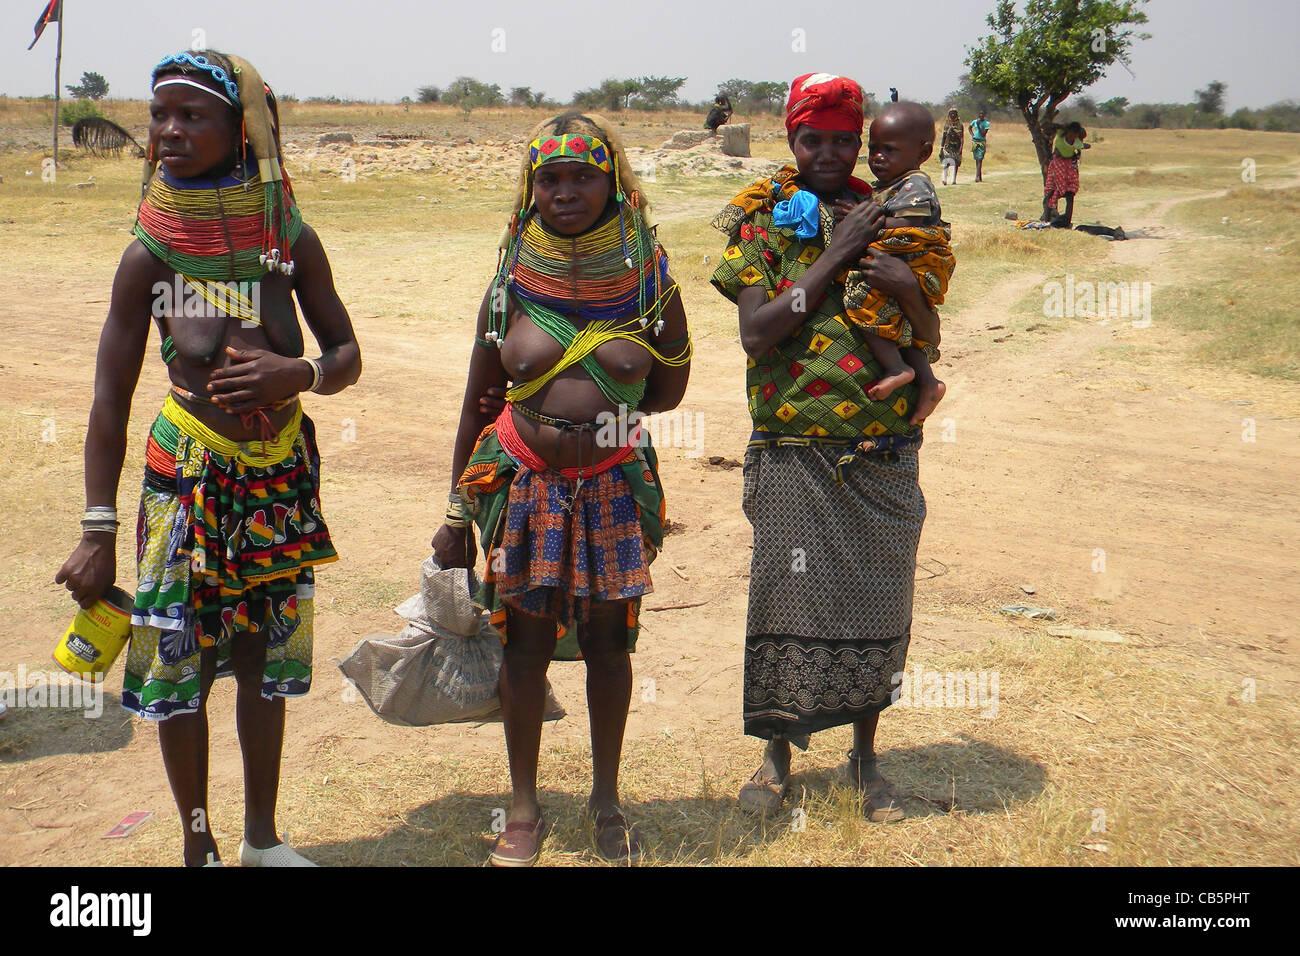 Mumuila tribe, Lubango, Angola - Stock Image